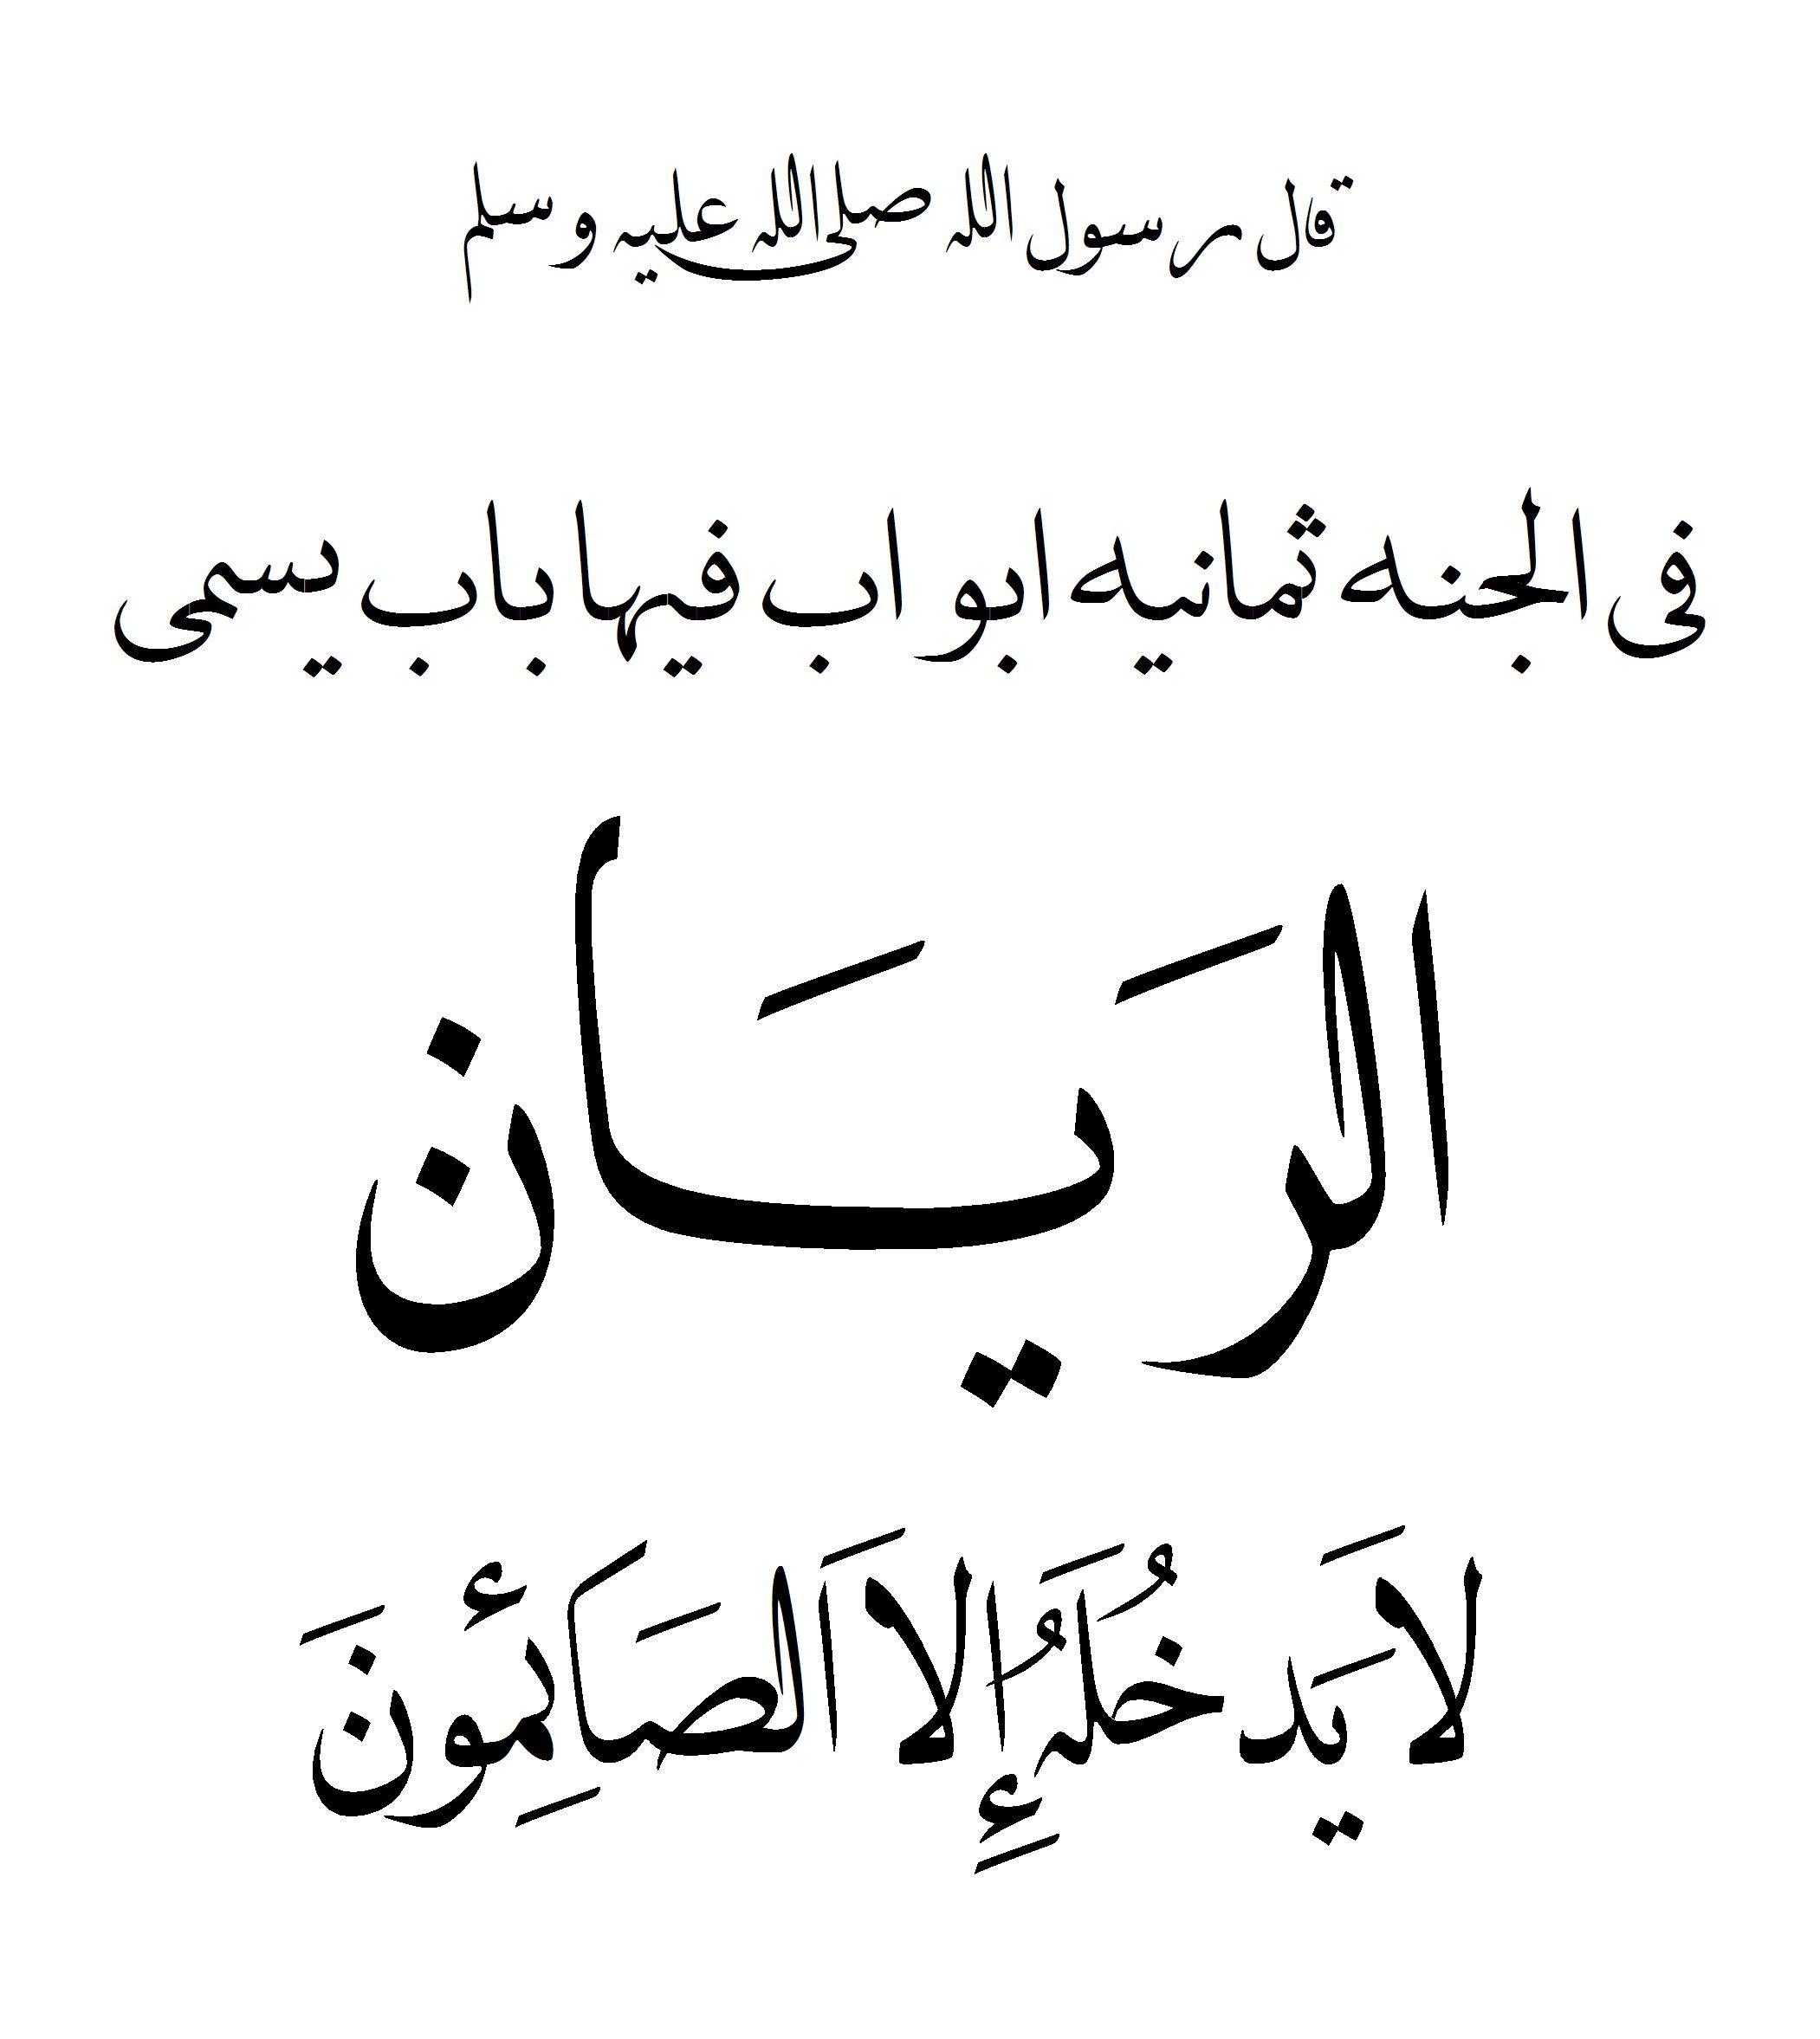 فى الجنه ثمانيه ابواب فيها باب يسمى الريان لا يدخله الا الصائمون Islamic Quotes Islamic Teachings Quran Verses